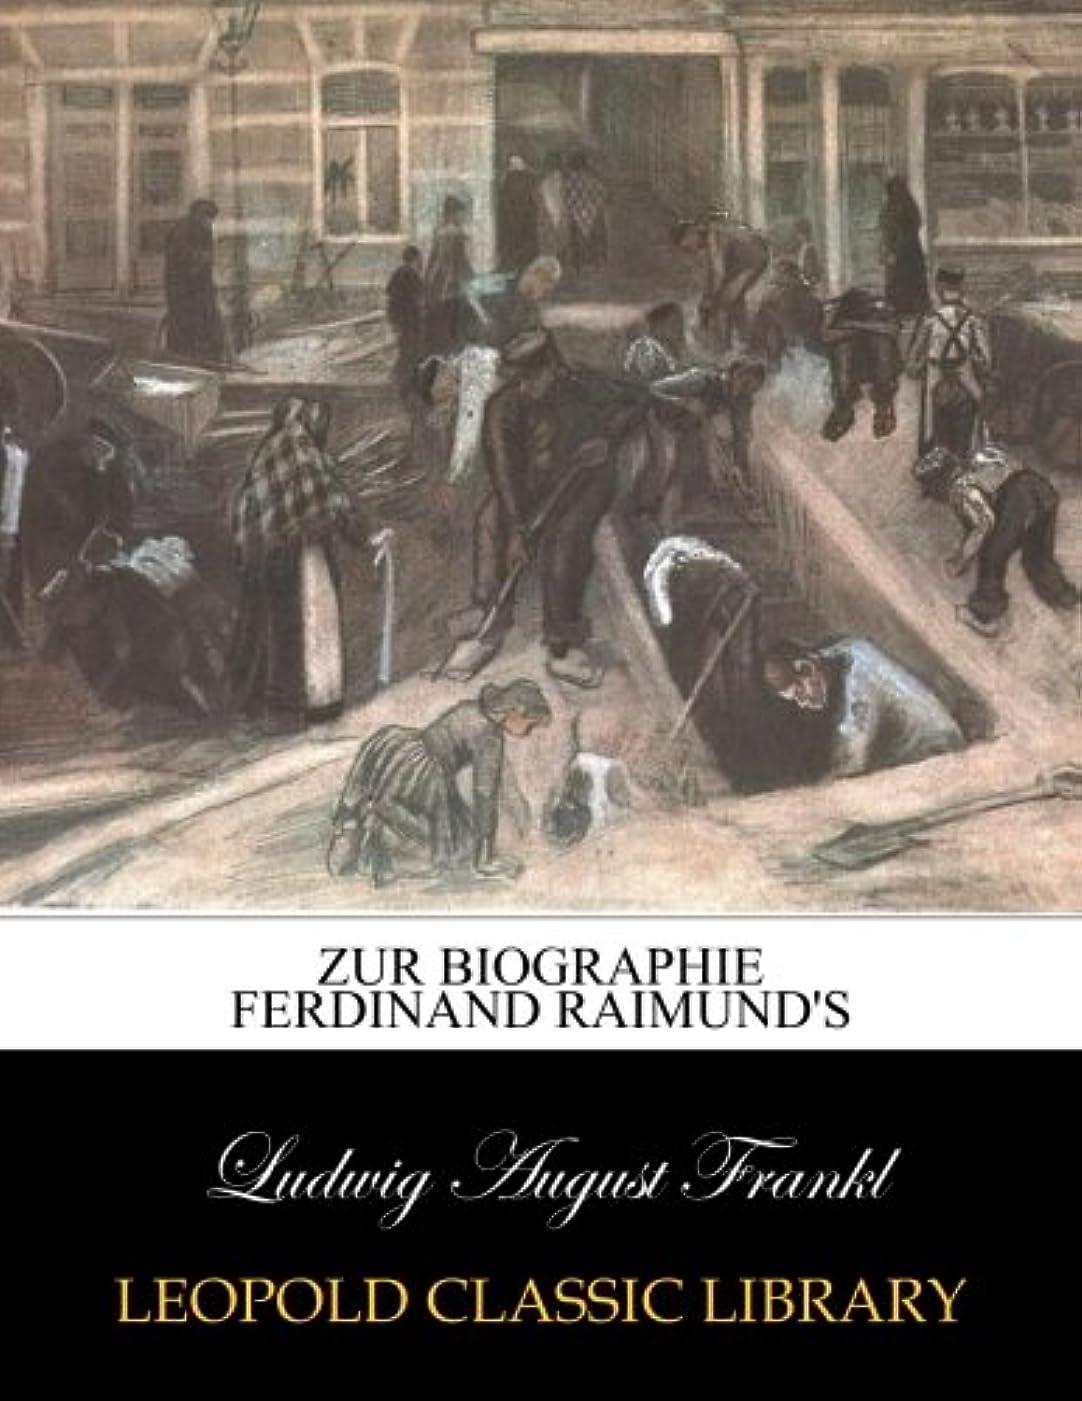 祝福アヒル追うZur Biographie Ferdinand Raimund's